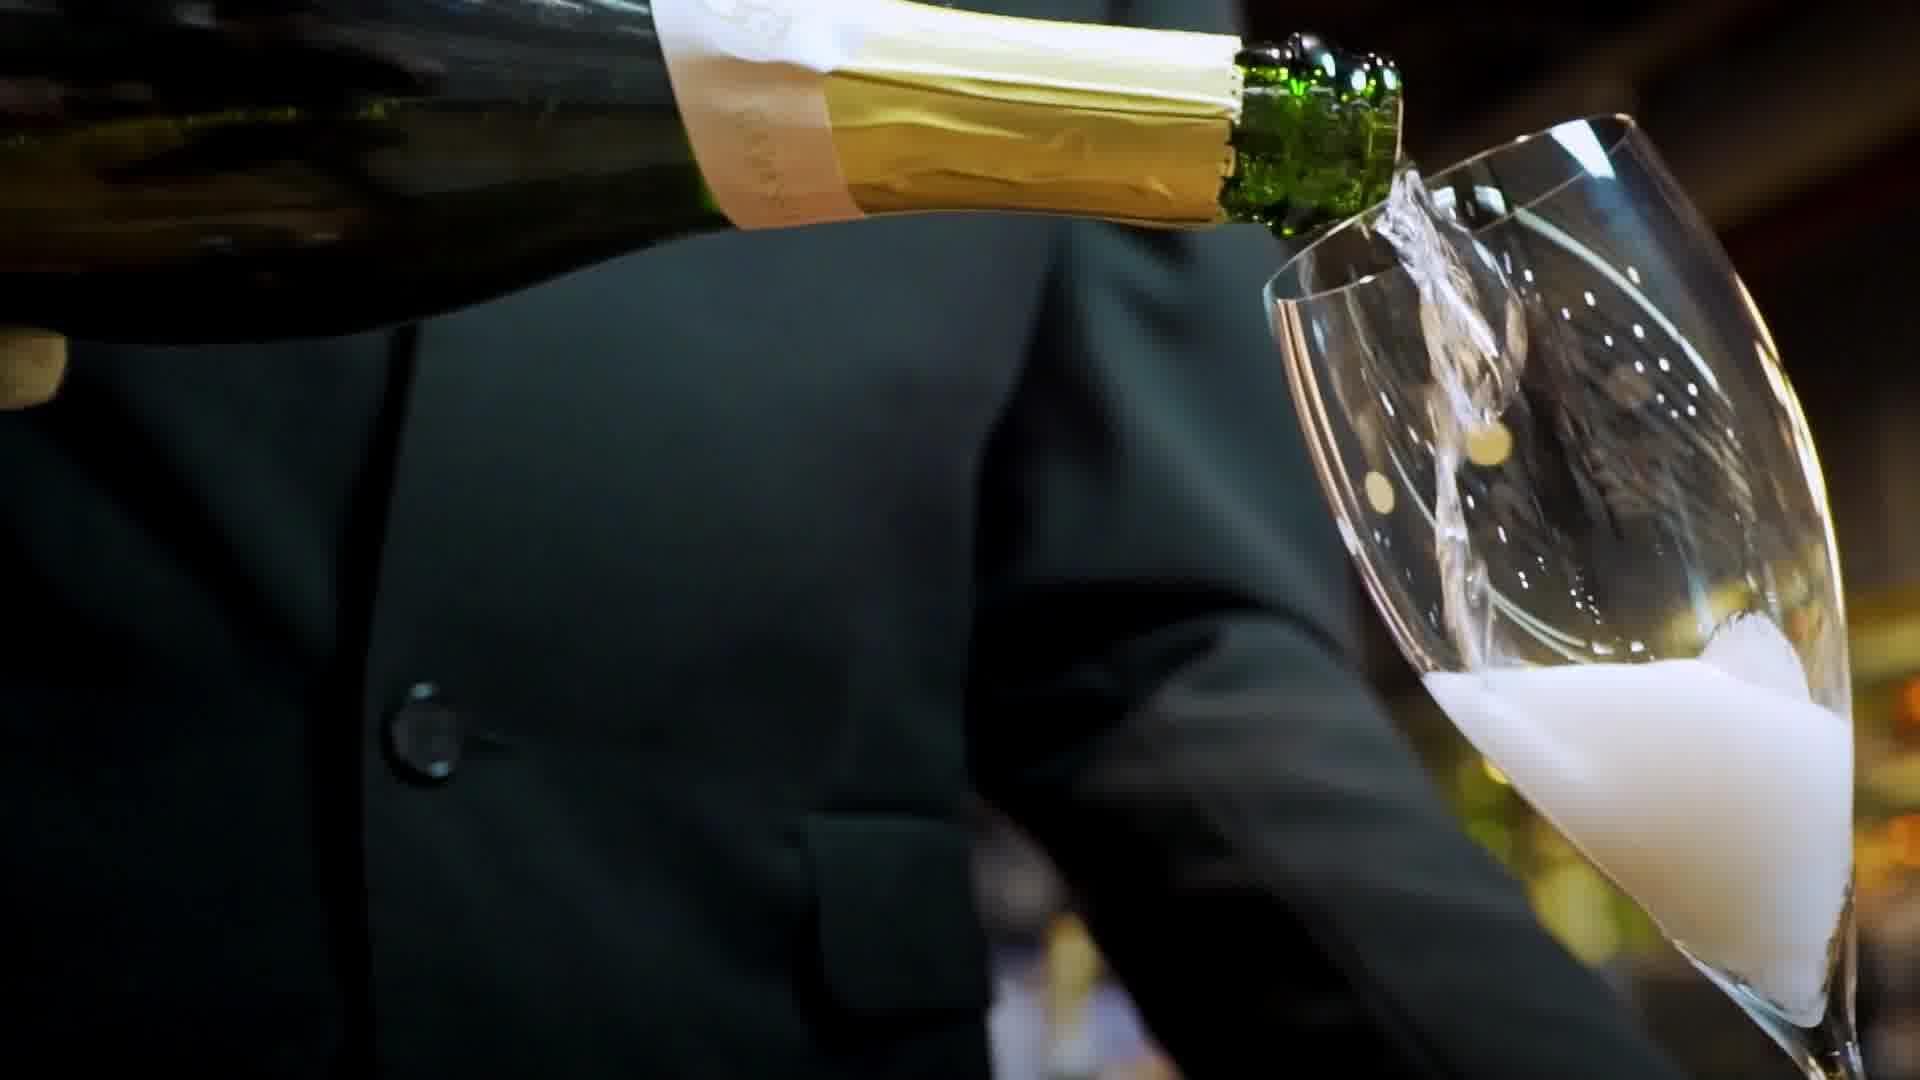 România, te iubesc! Vinul românesc are un potențial uriaș, de multe ori ignorat